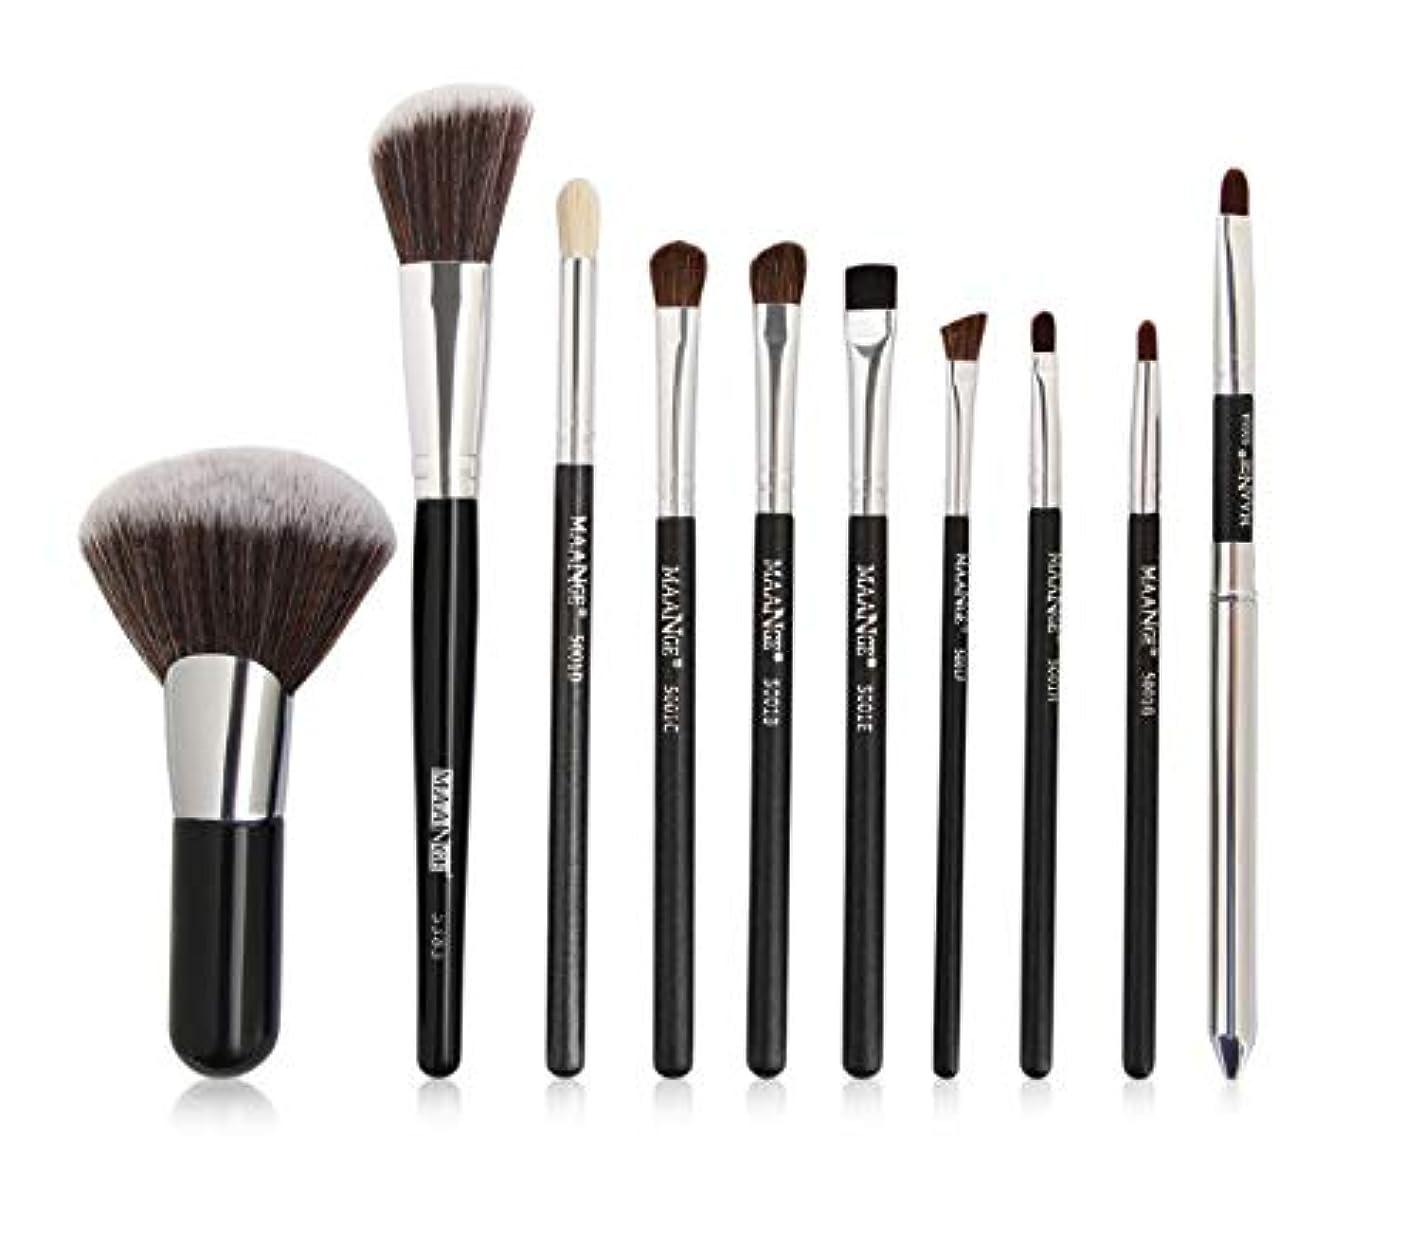 動マニュアル薄い化粧ブラシセット、10木製ハンドル馬毛化粧ブラシセットアイブラシ、初心者やメイクアップアーティストのための美容ツールの実用的なフルセット